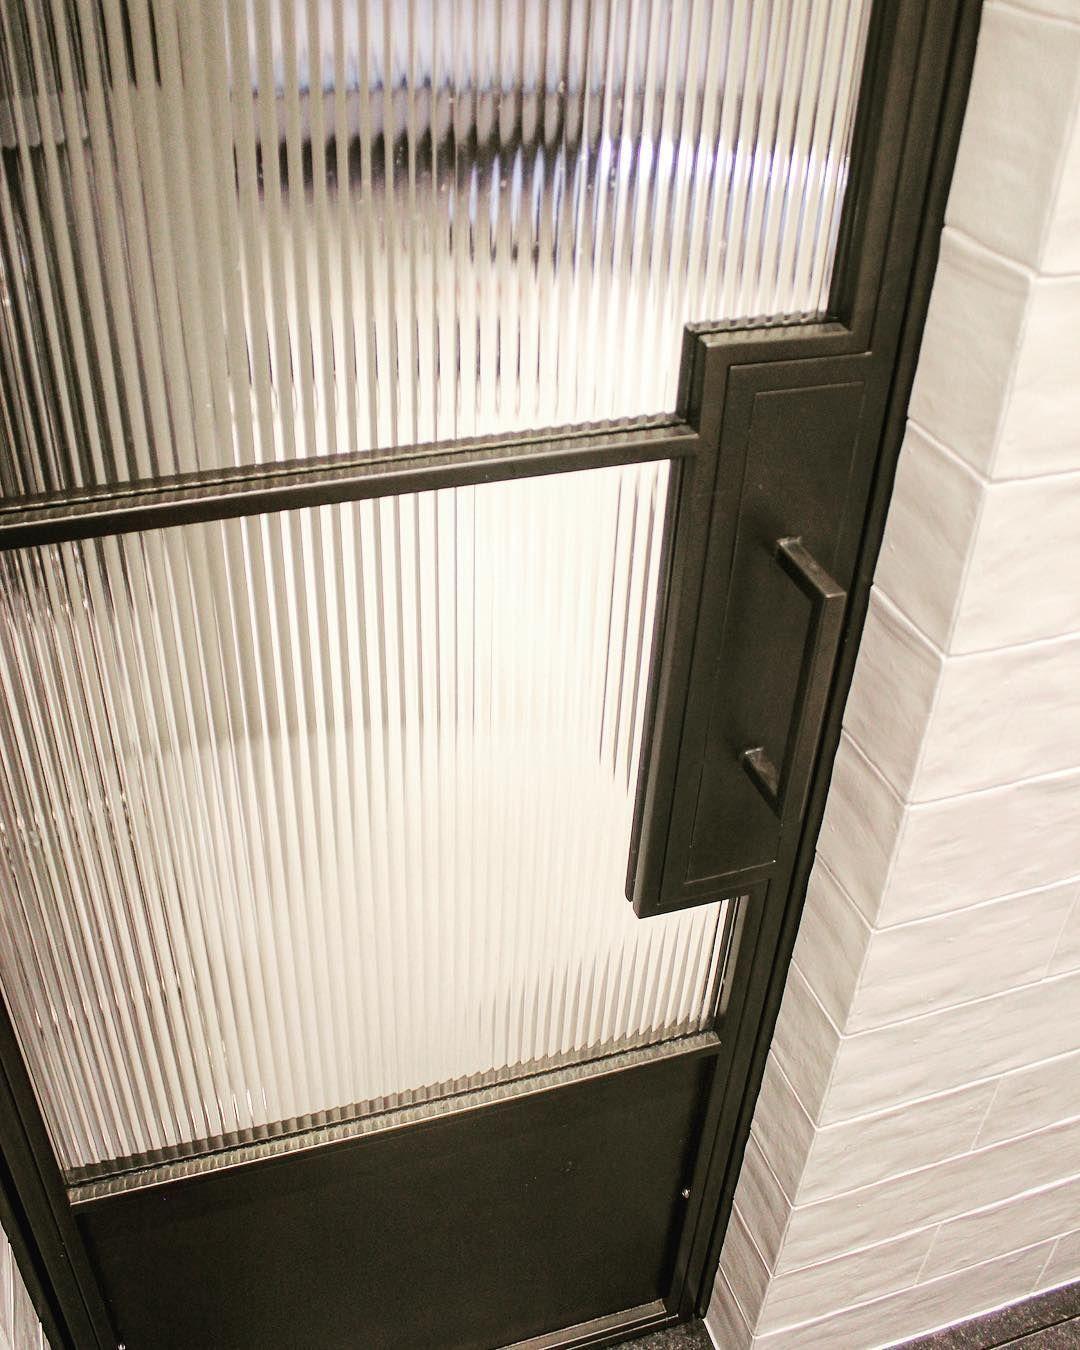 Excellent Snap Shots Glass Bathroom Door Ideas With Images Reeded Glass Glass Bathroom Door Glass Bathroom